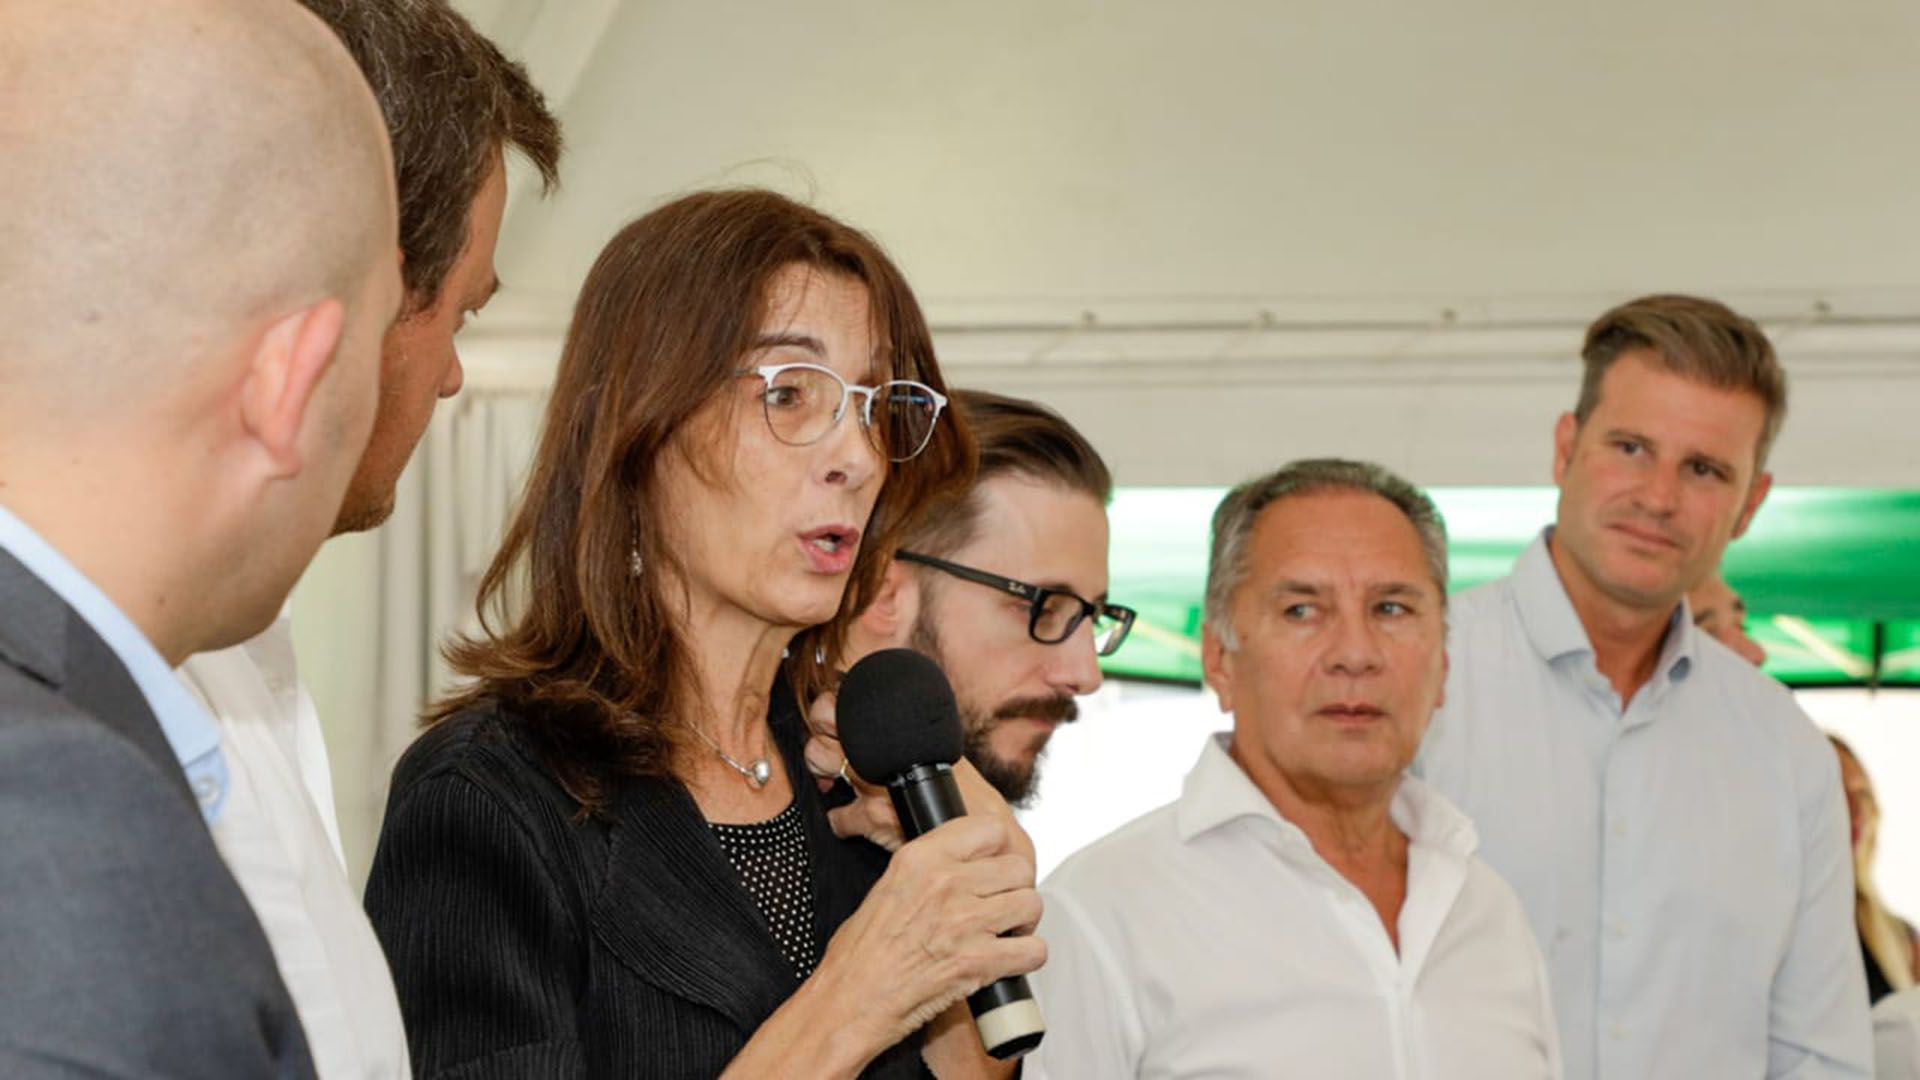 En 2015 Bielsa le dijo que no a Cristina. Tajante